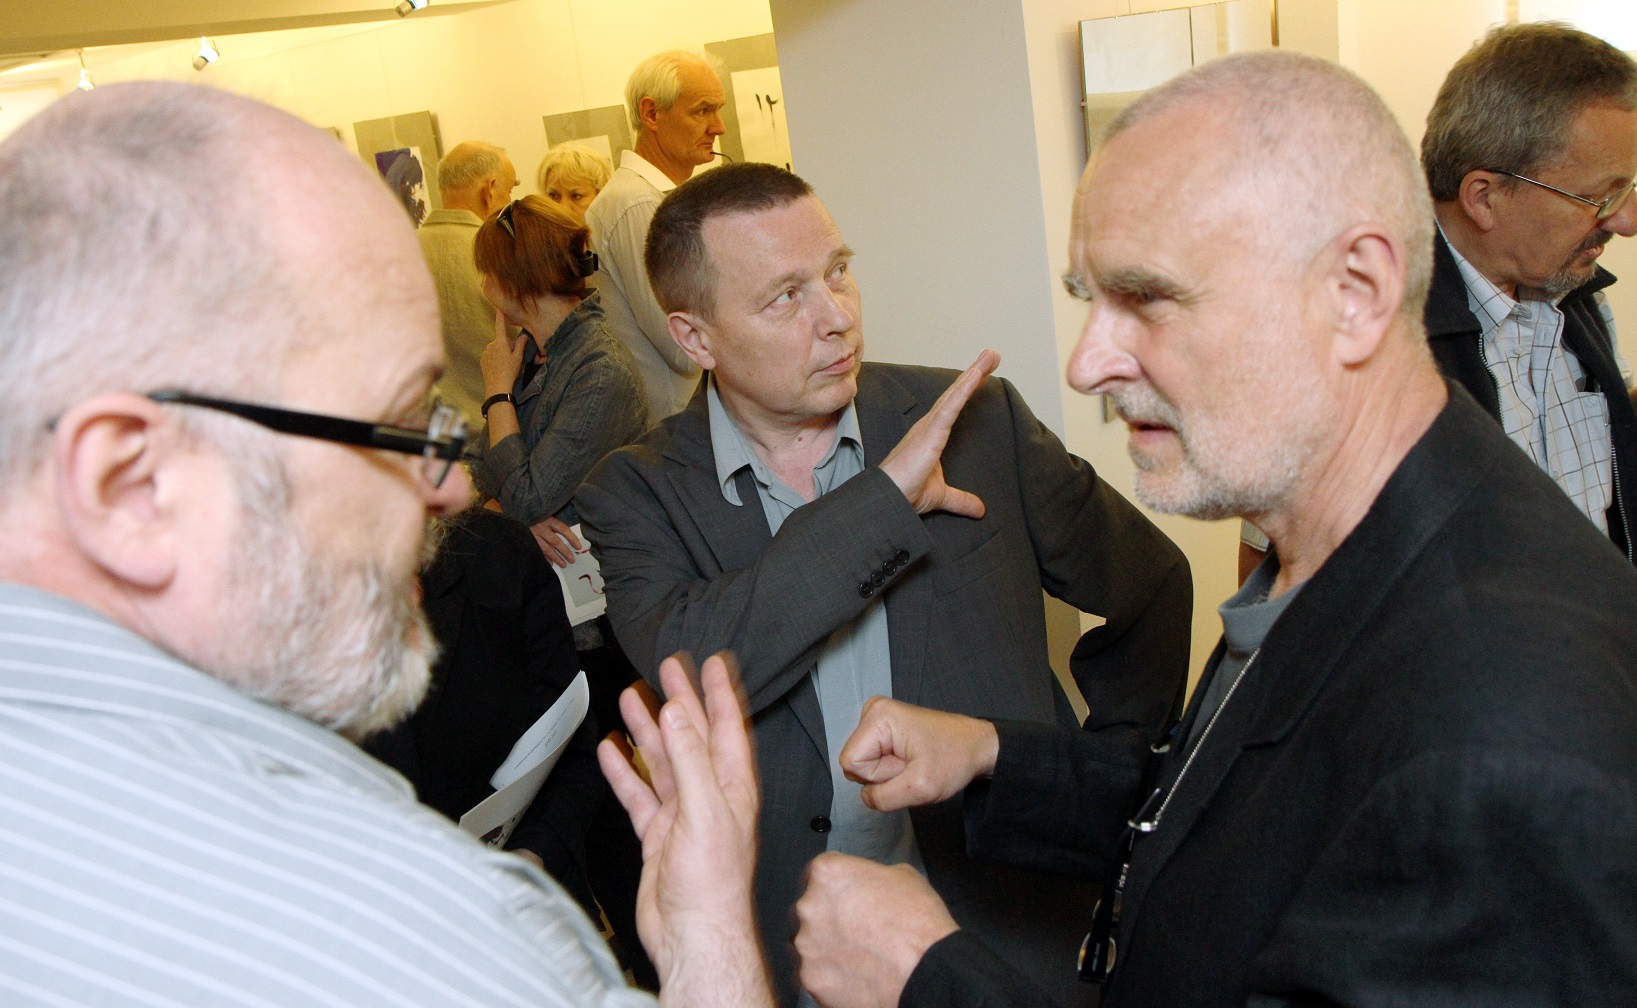 """Wernisaż wystawy """"Jacek Sempoliński. Rysunki najnowsze"""" w galerii sztuki spa spot, maj 2011 roku."""